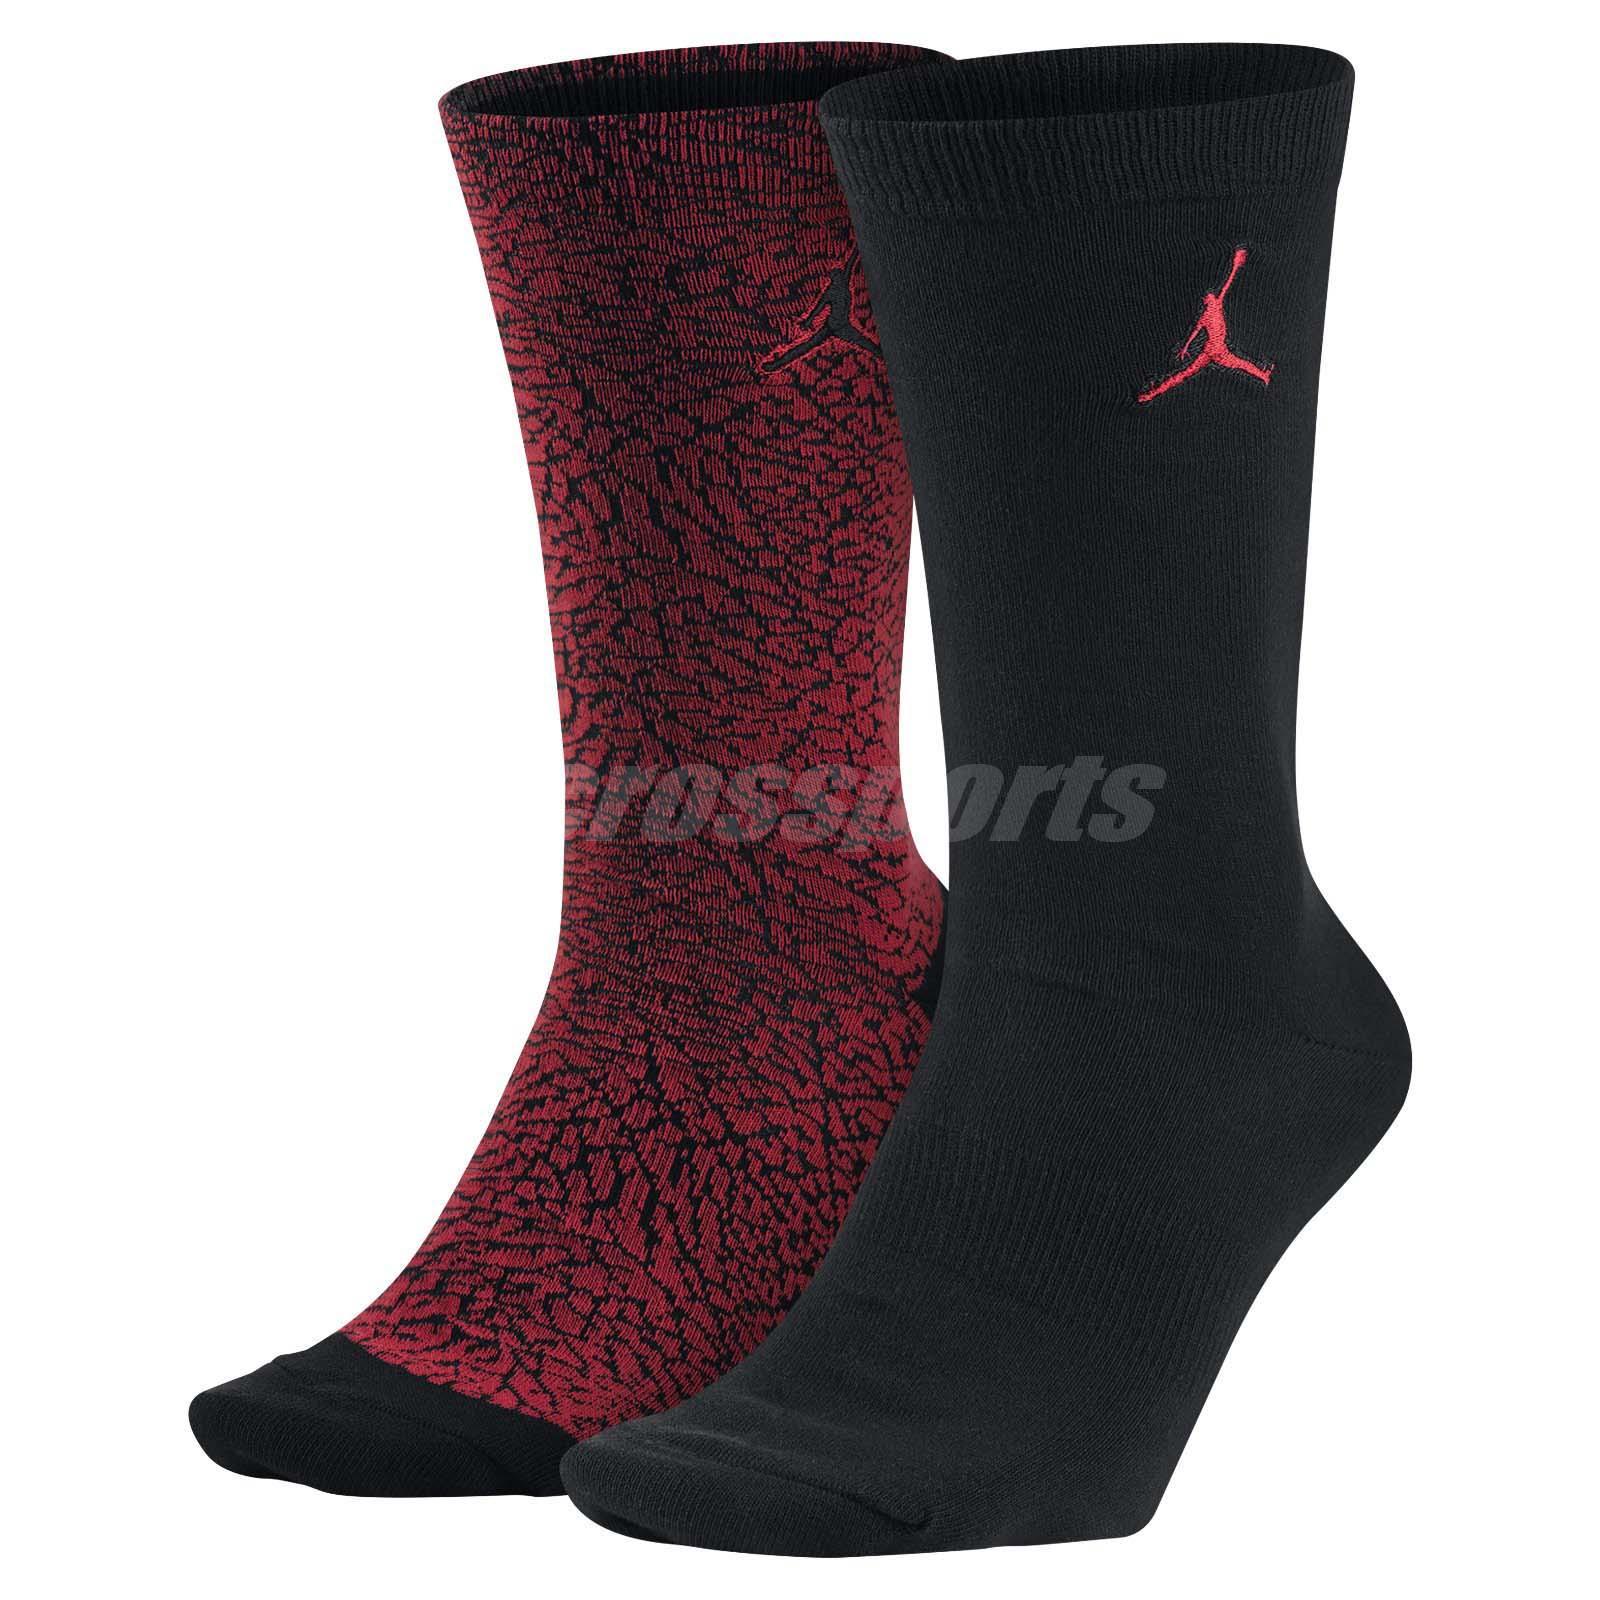 8f9513da748d Nike Unisex Jordan Elephant Crew Socks 2 Pairs 1 Pack Air Jumpman AJ  SX5859-657